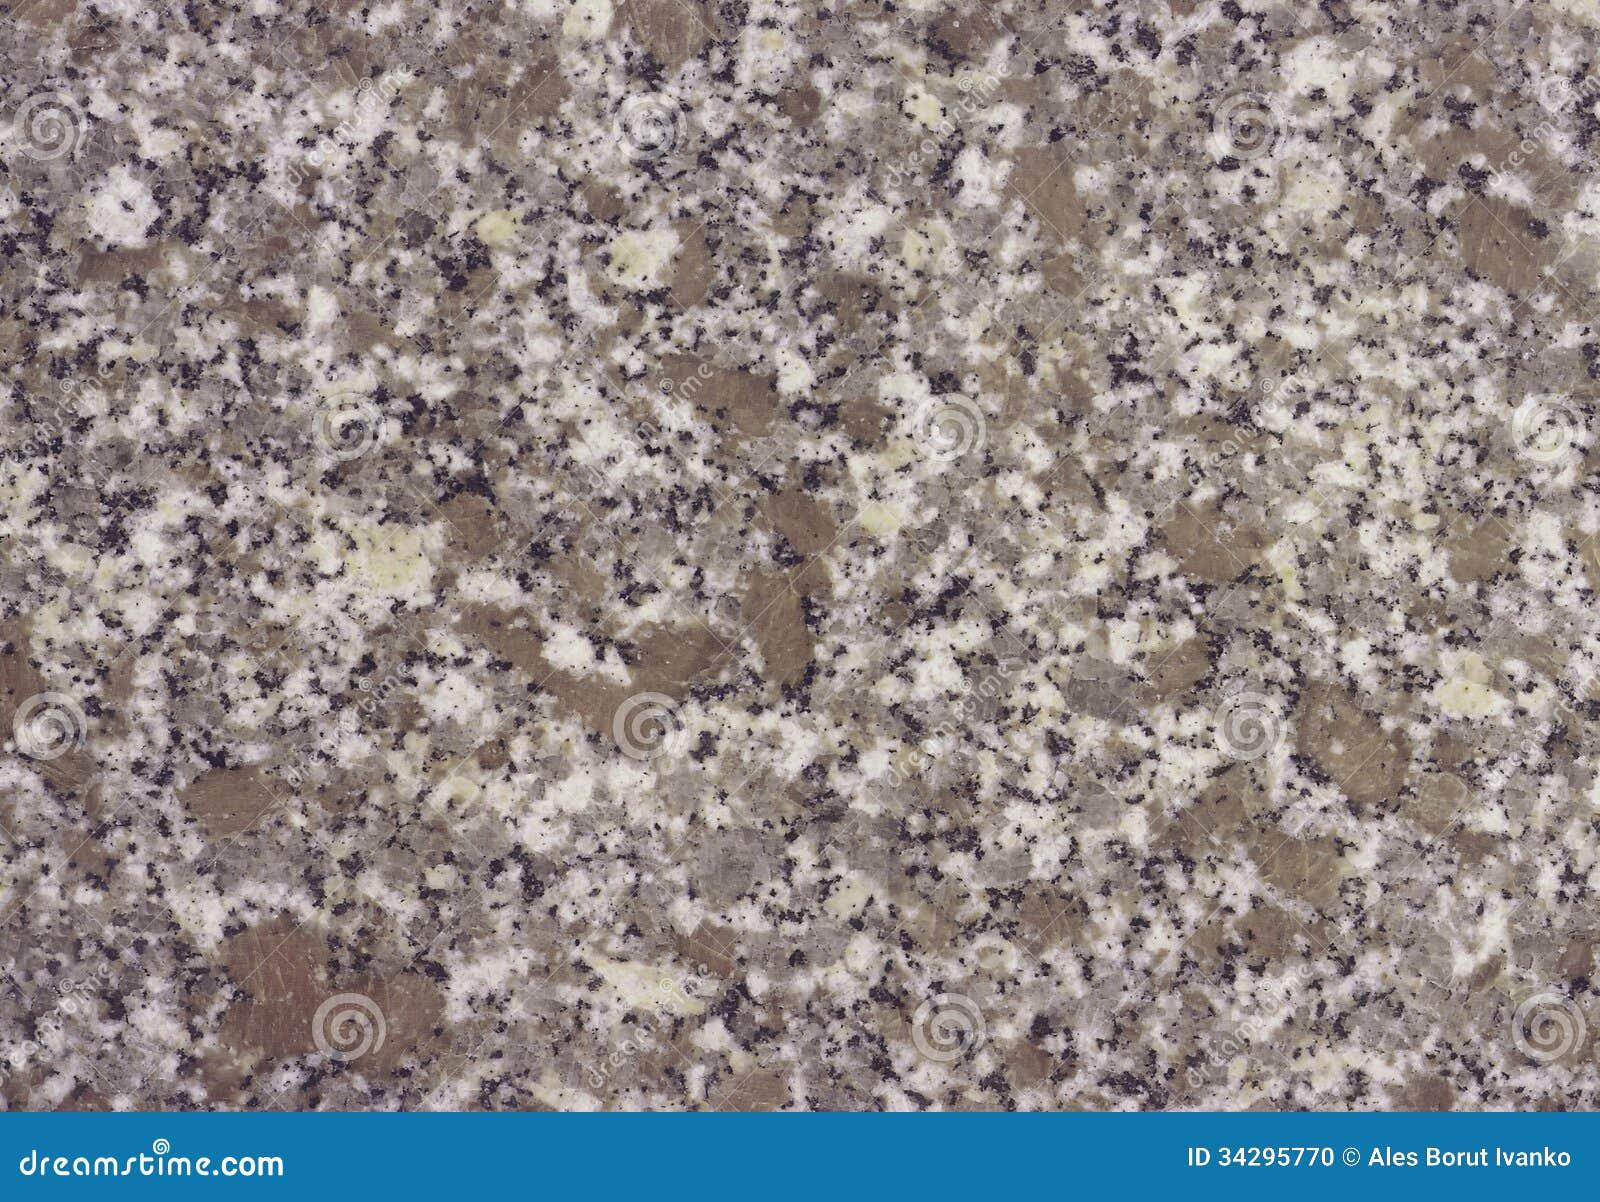 Brown Granite Colors : Minaral stone granite in brown and grey colors stock photo